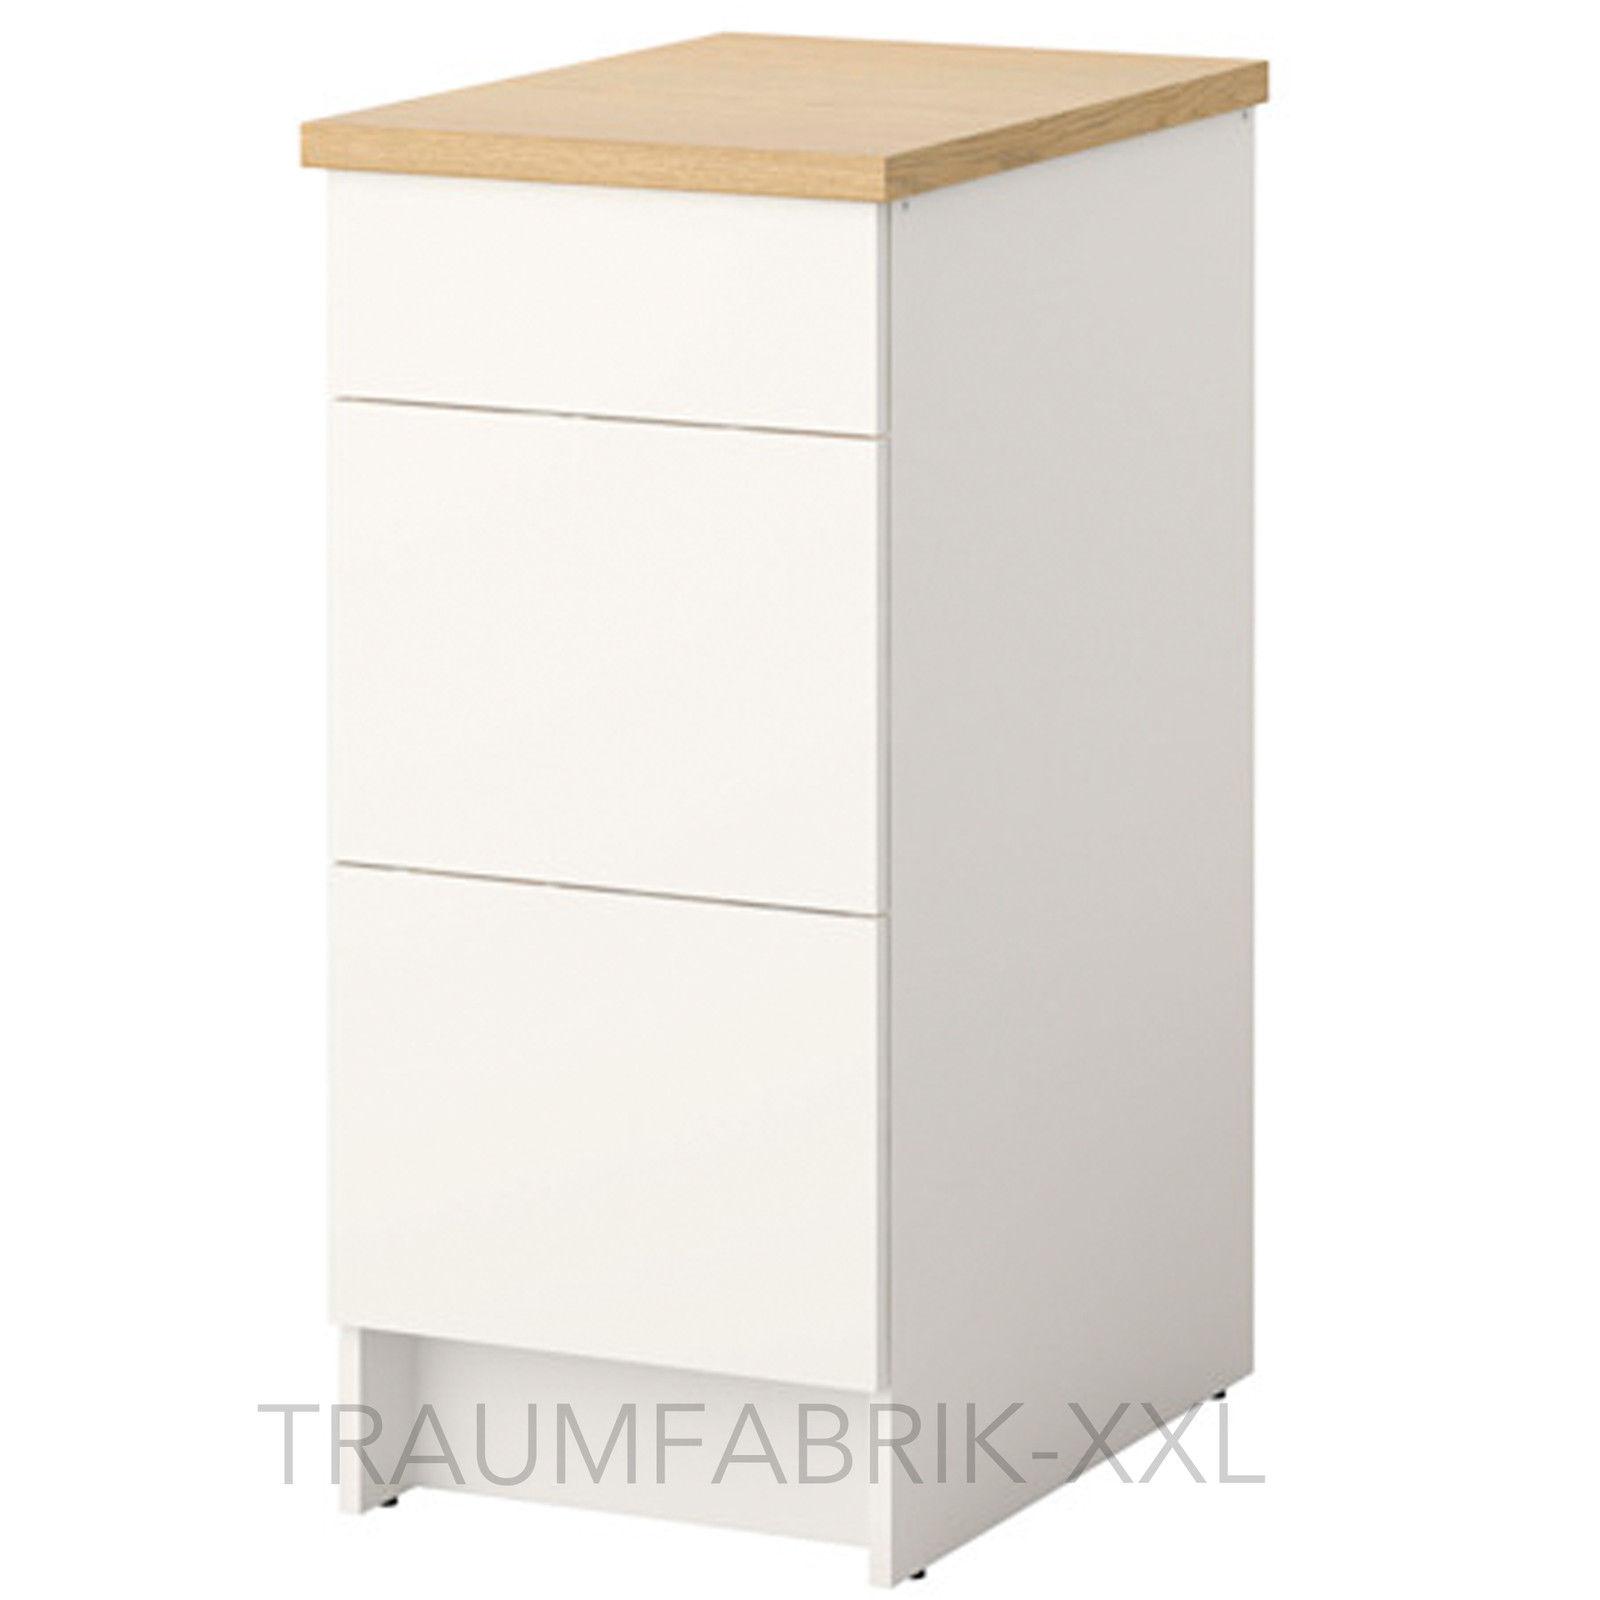 IKEA Unterschrank mit Schubladen + Arbeitsplatte Küchenunterschrank  40x61x90 cm